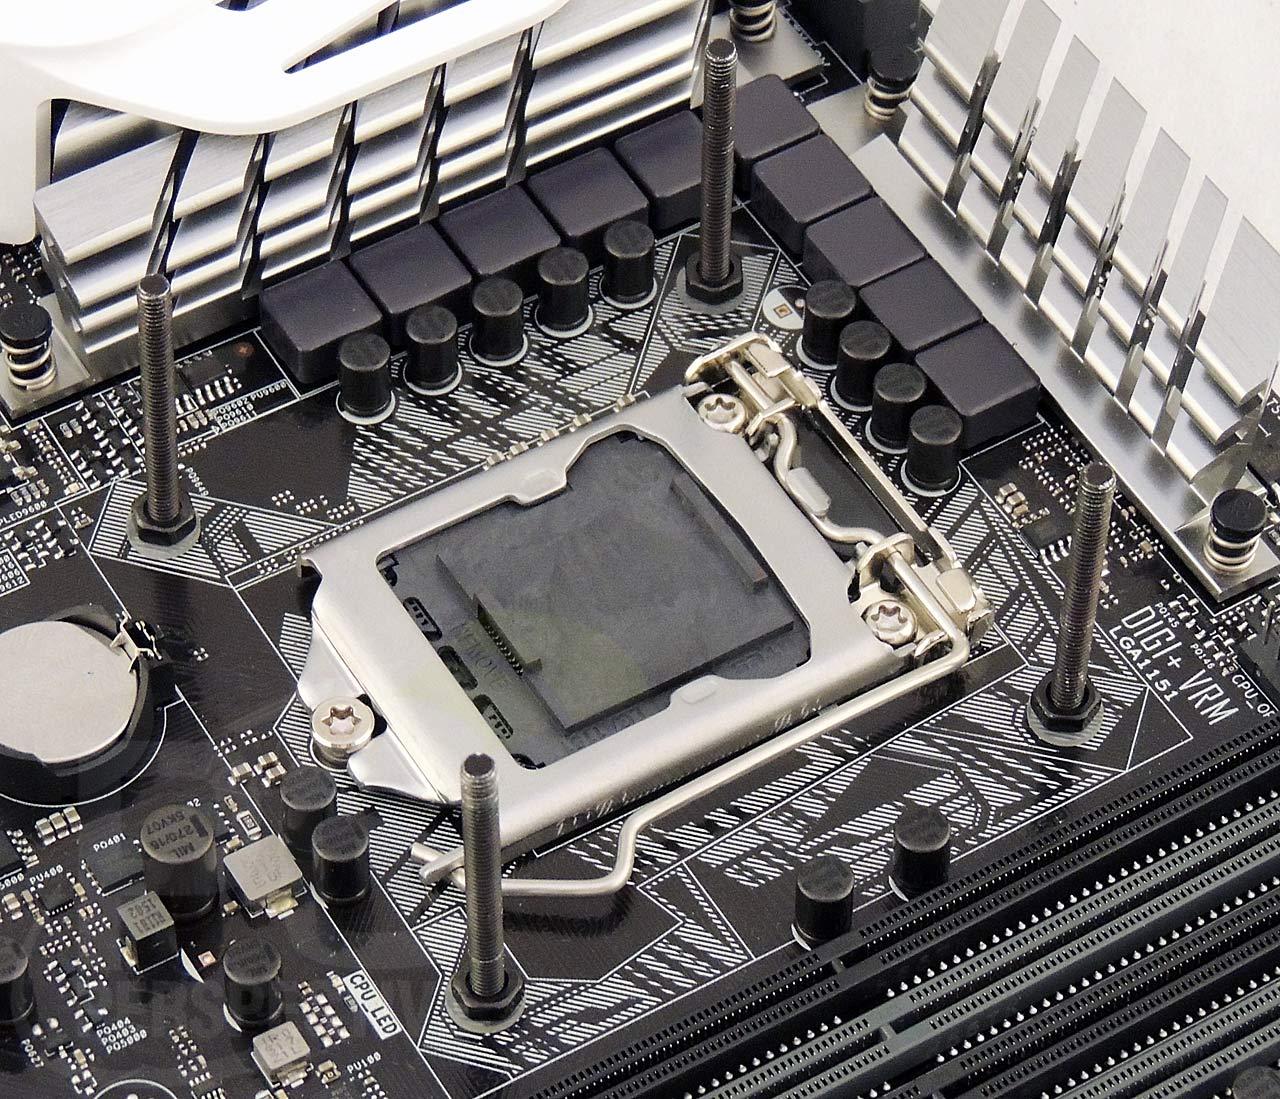 07-board-z170-mount-front.jpg